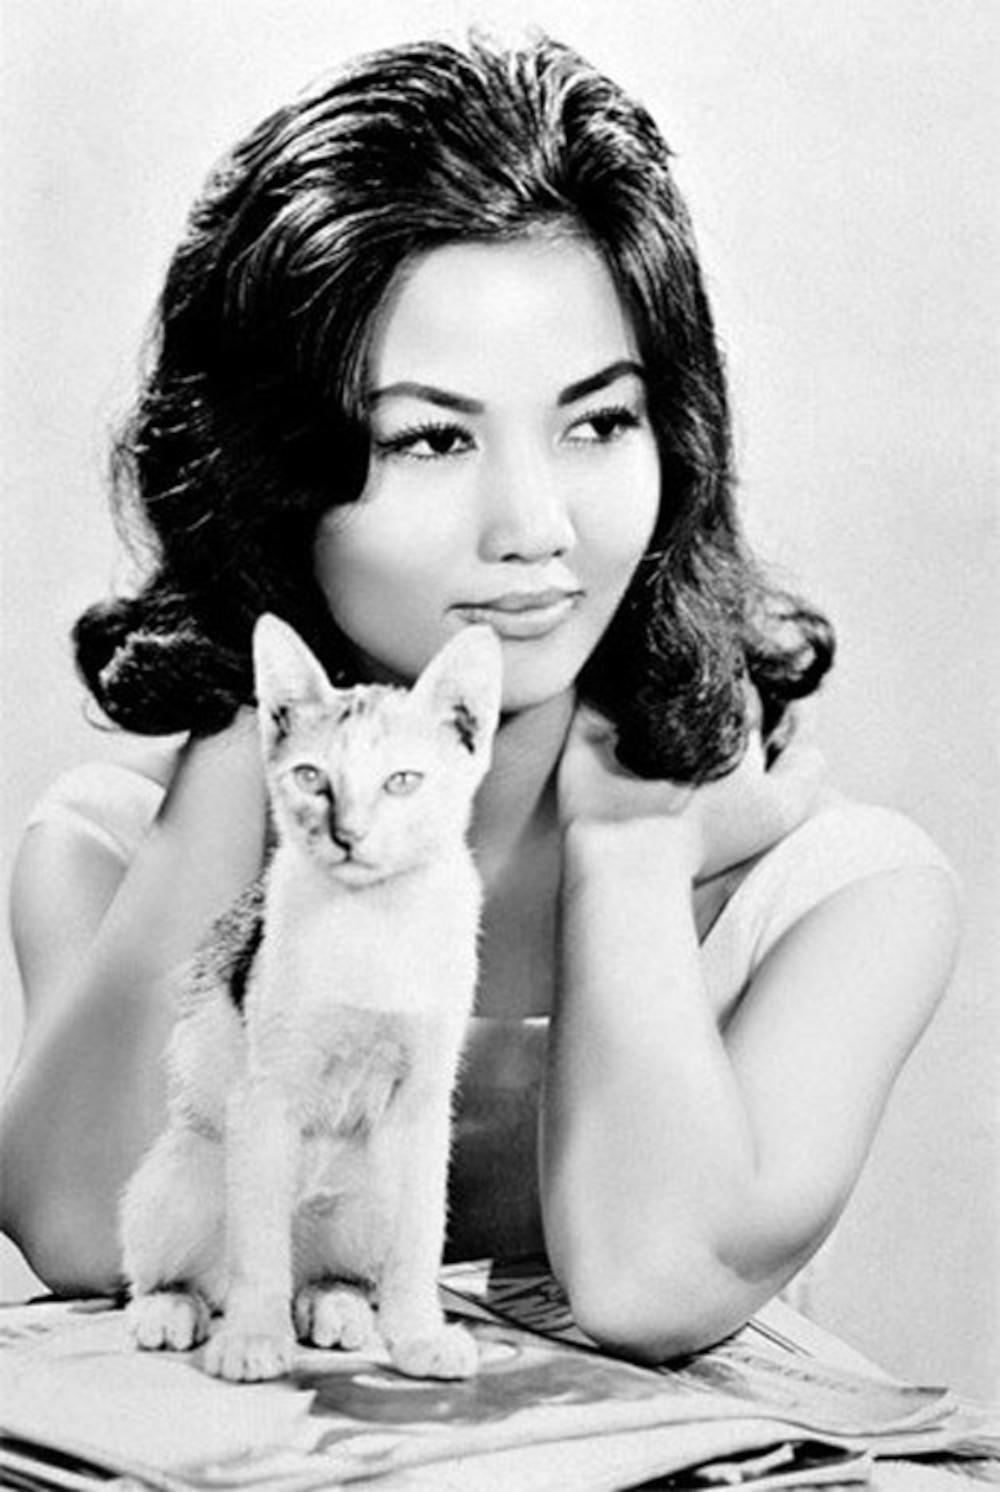 Xiêu lòng trước nhan sắc của dàn mĩ nhân thống trị showbiz Việt thập niên 1970 Ảnh 2